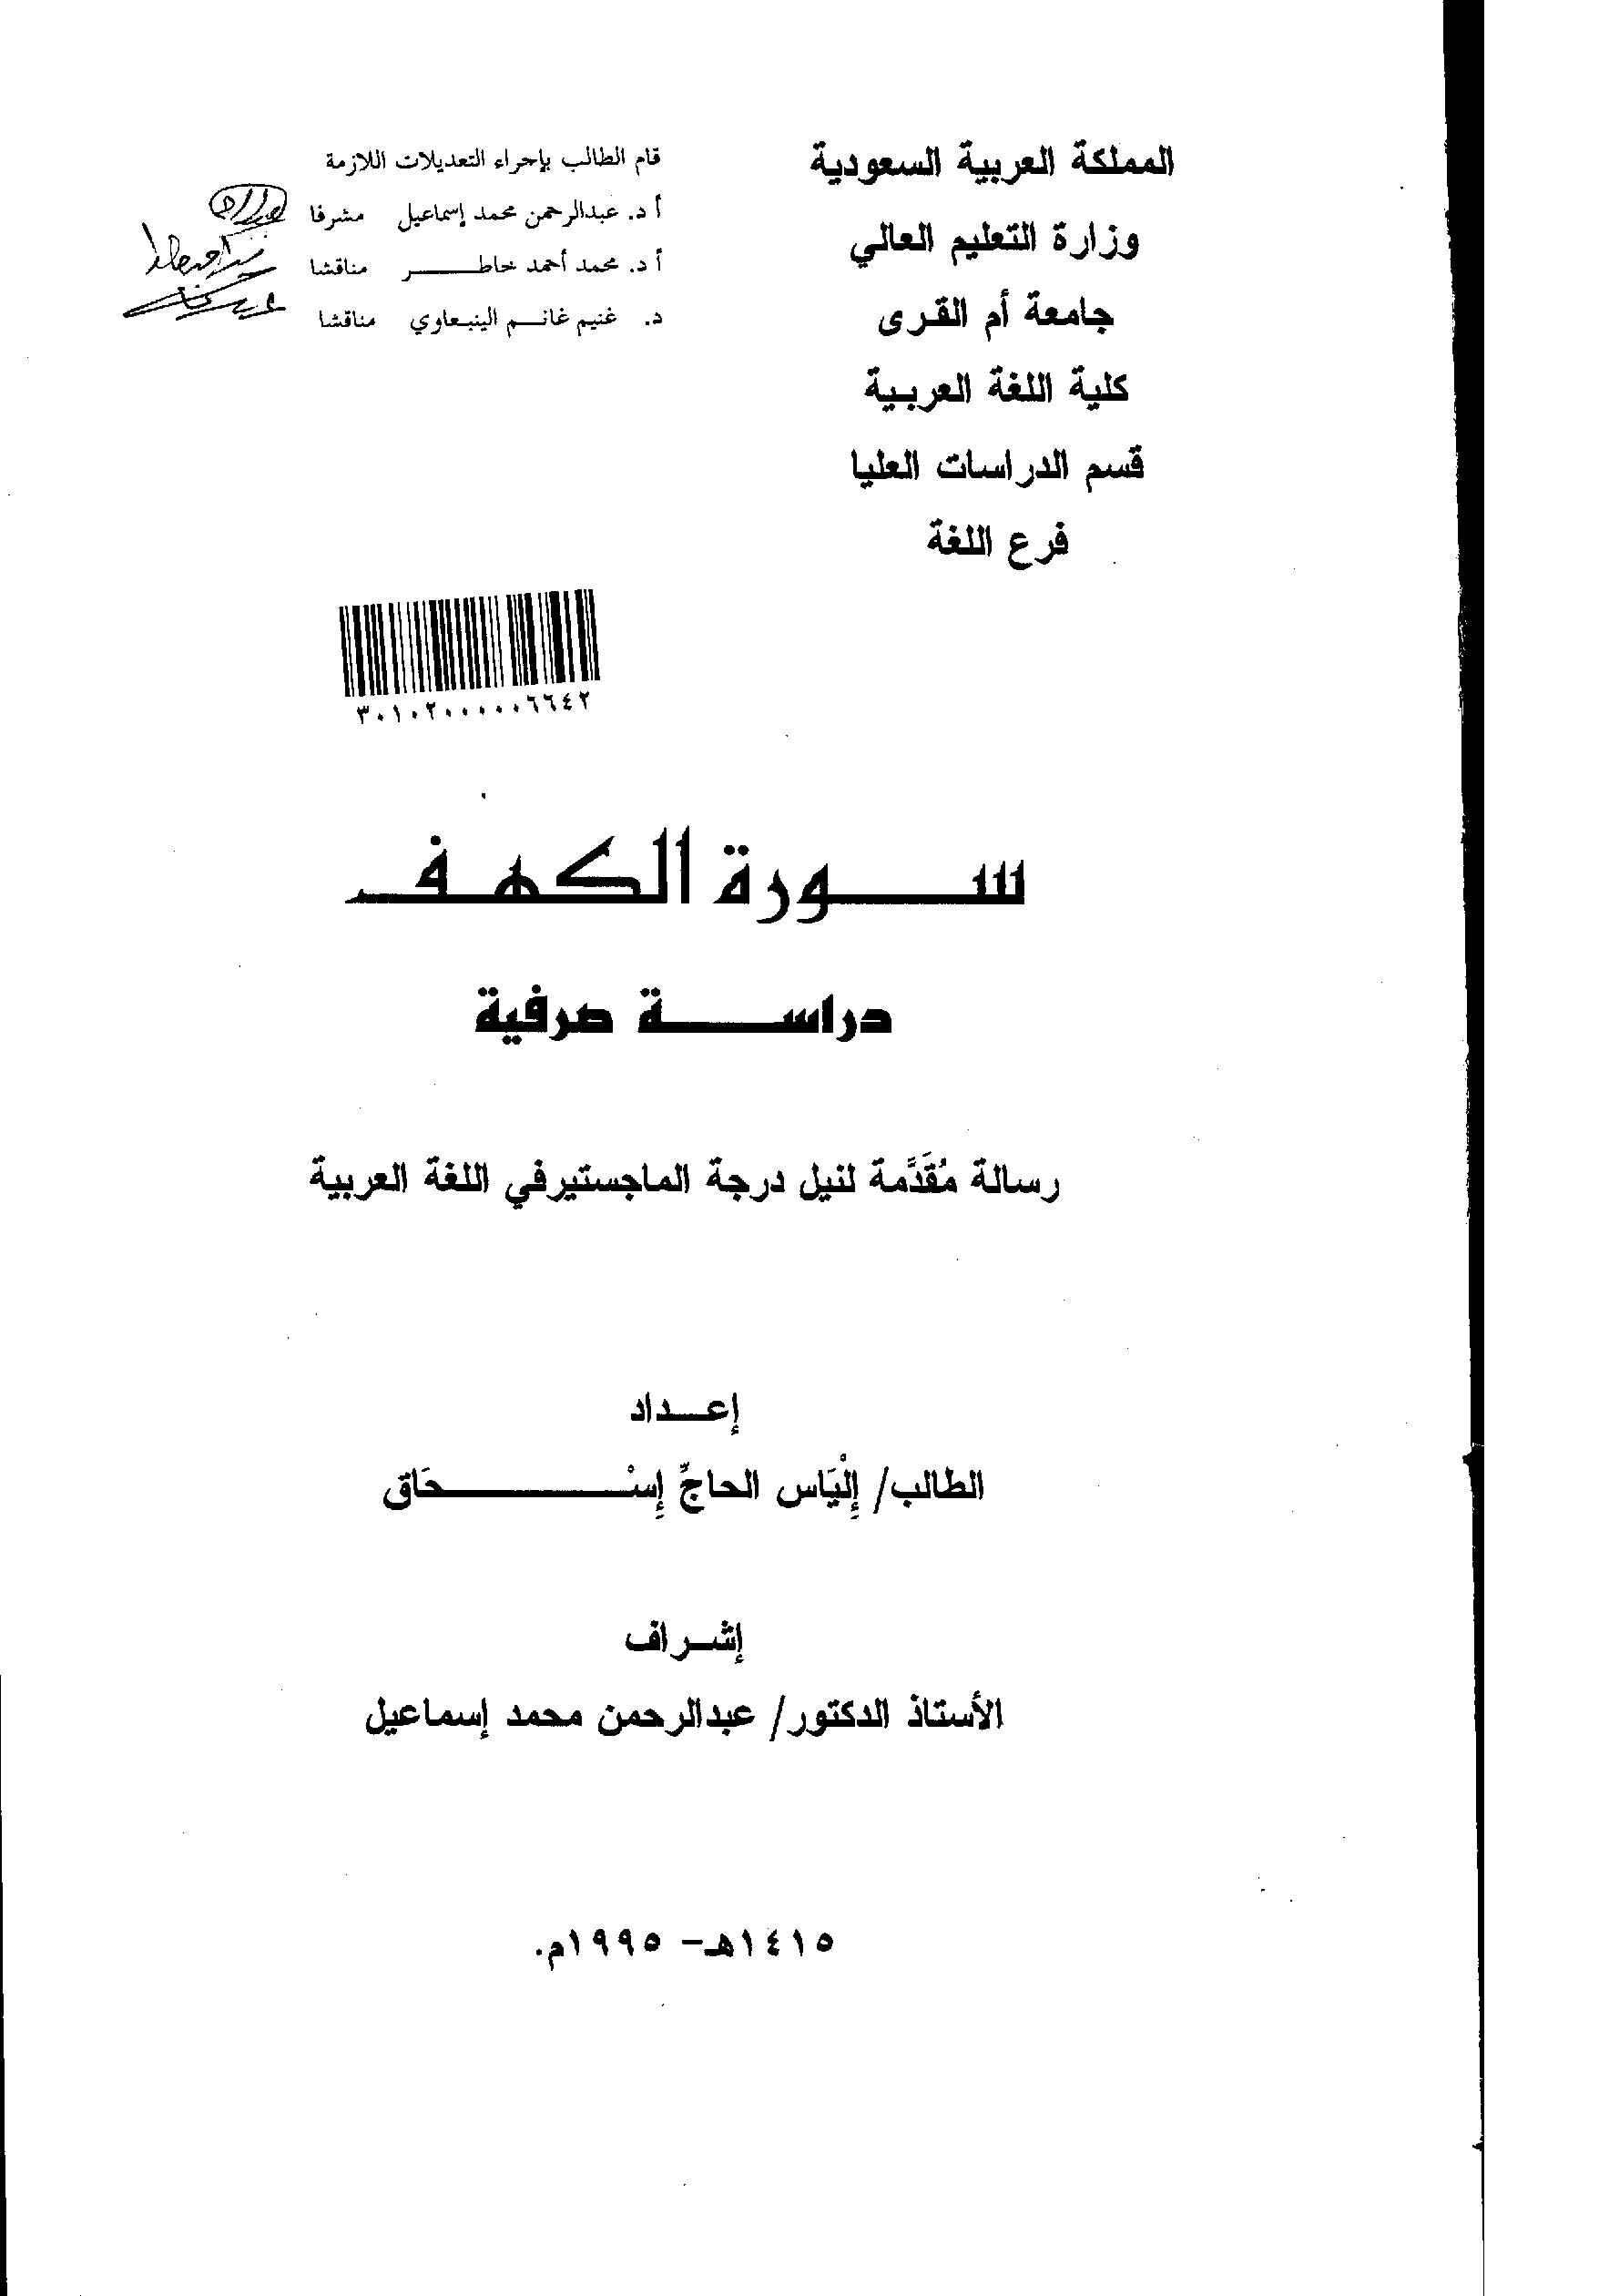 تحميل كتاب سورة الكهف دراسة صرفية لـِ: إلياس الحاج إسحاق